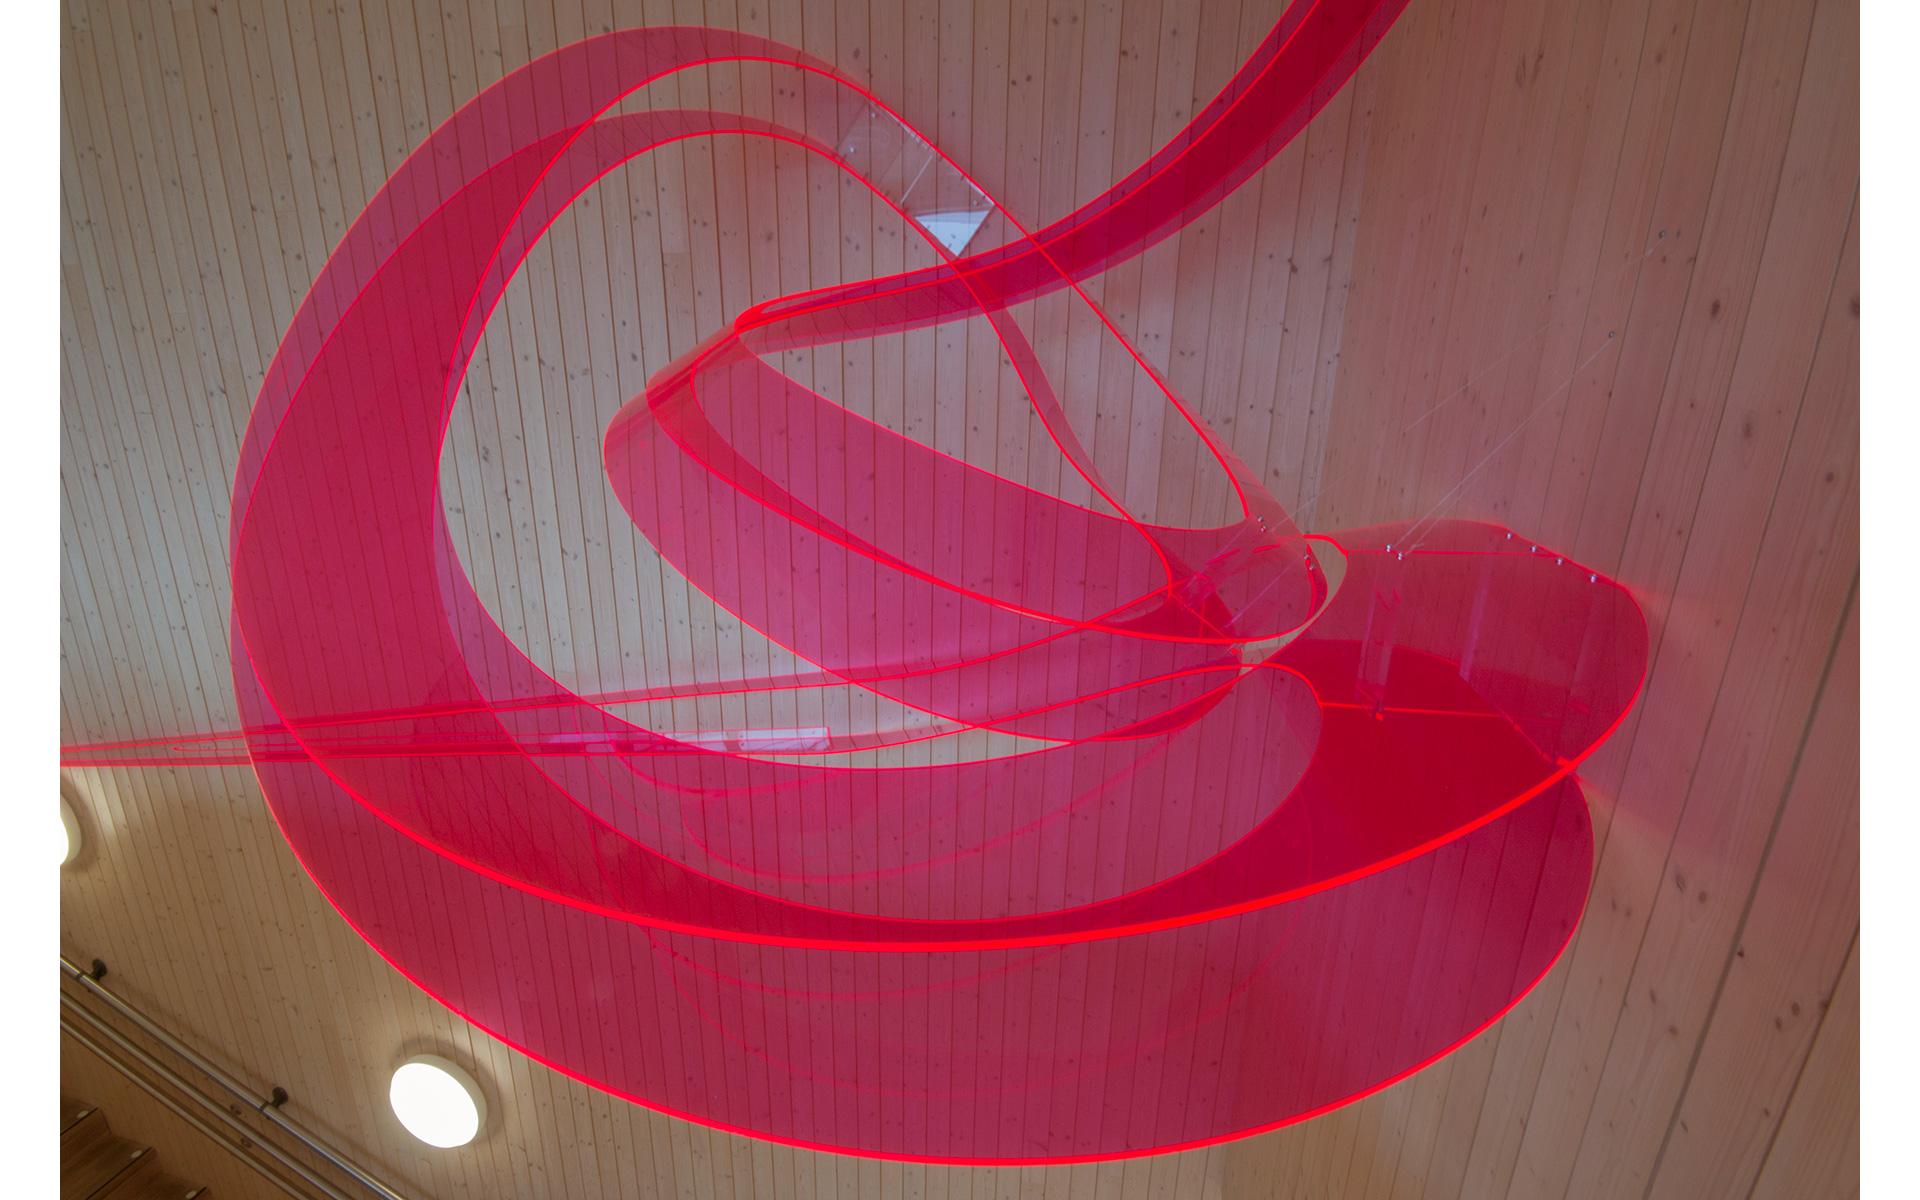 Hverdagsbevegelser, - skulptur i trapperommet / Daily Transitions, - sculpture